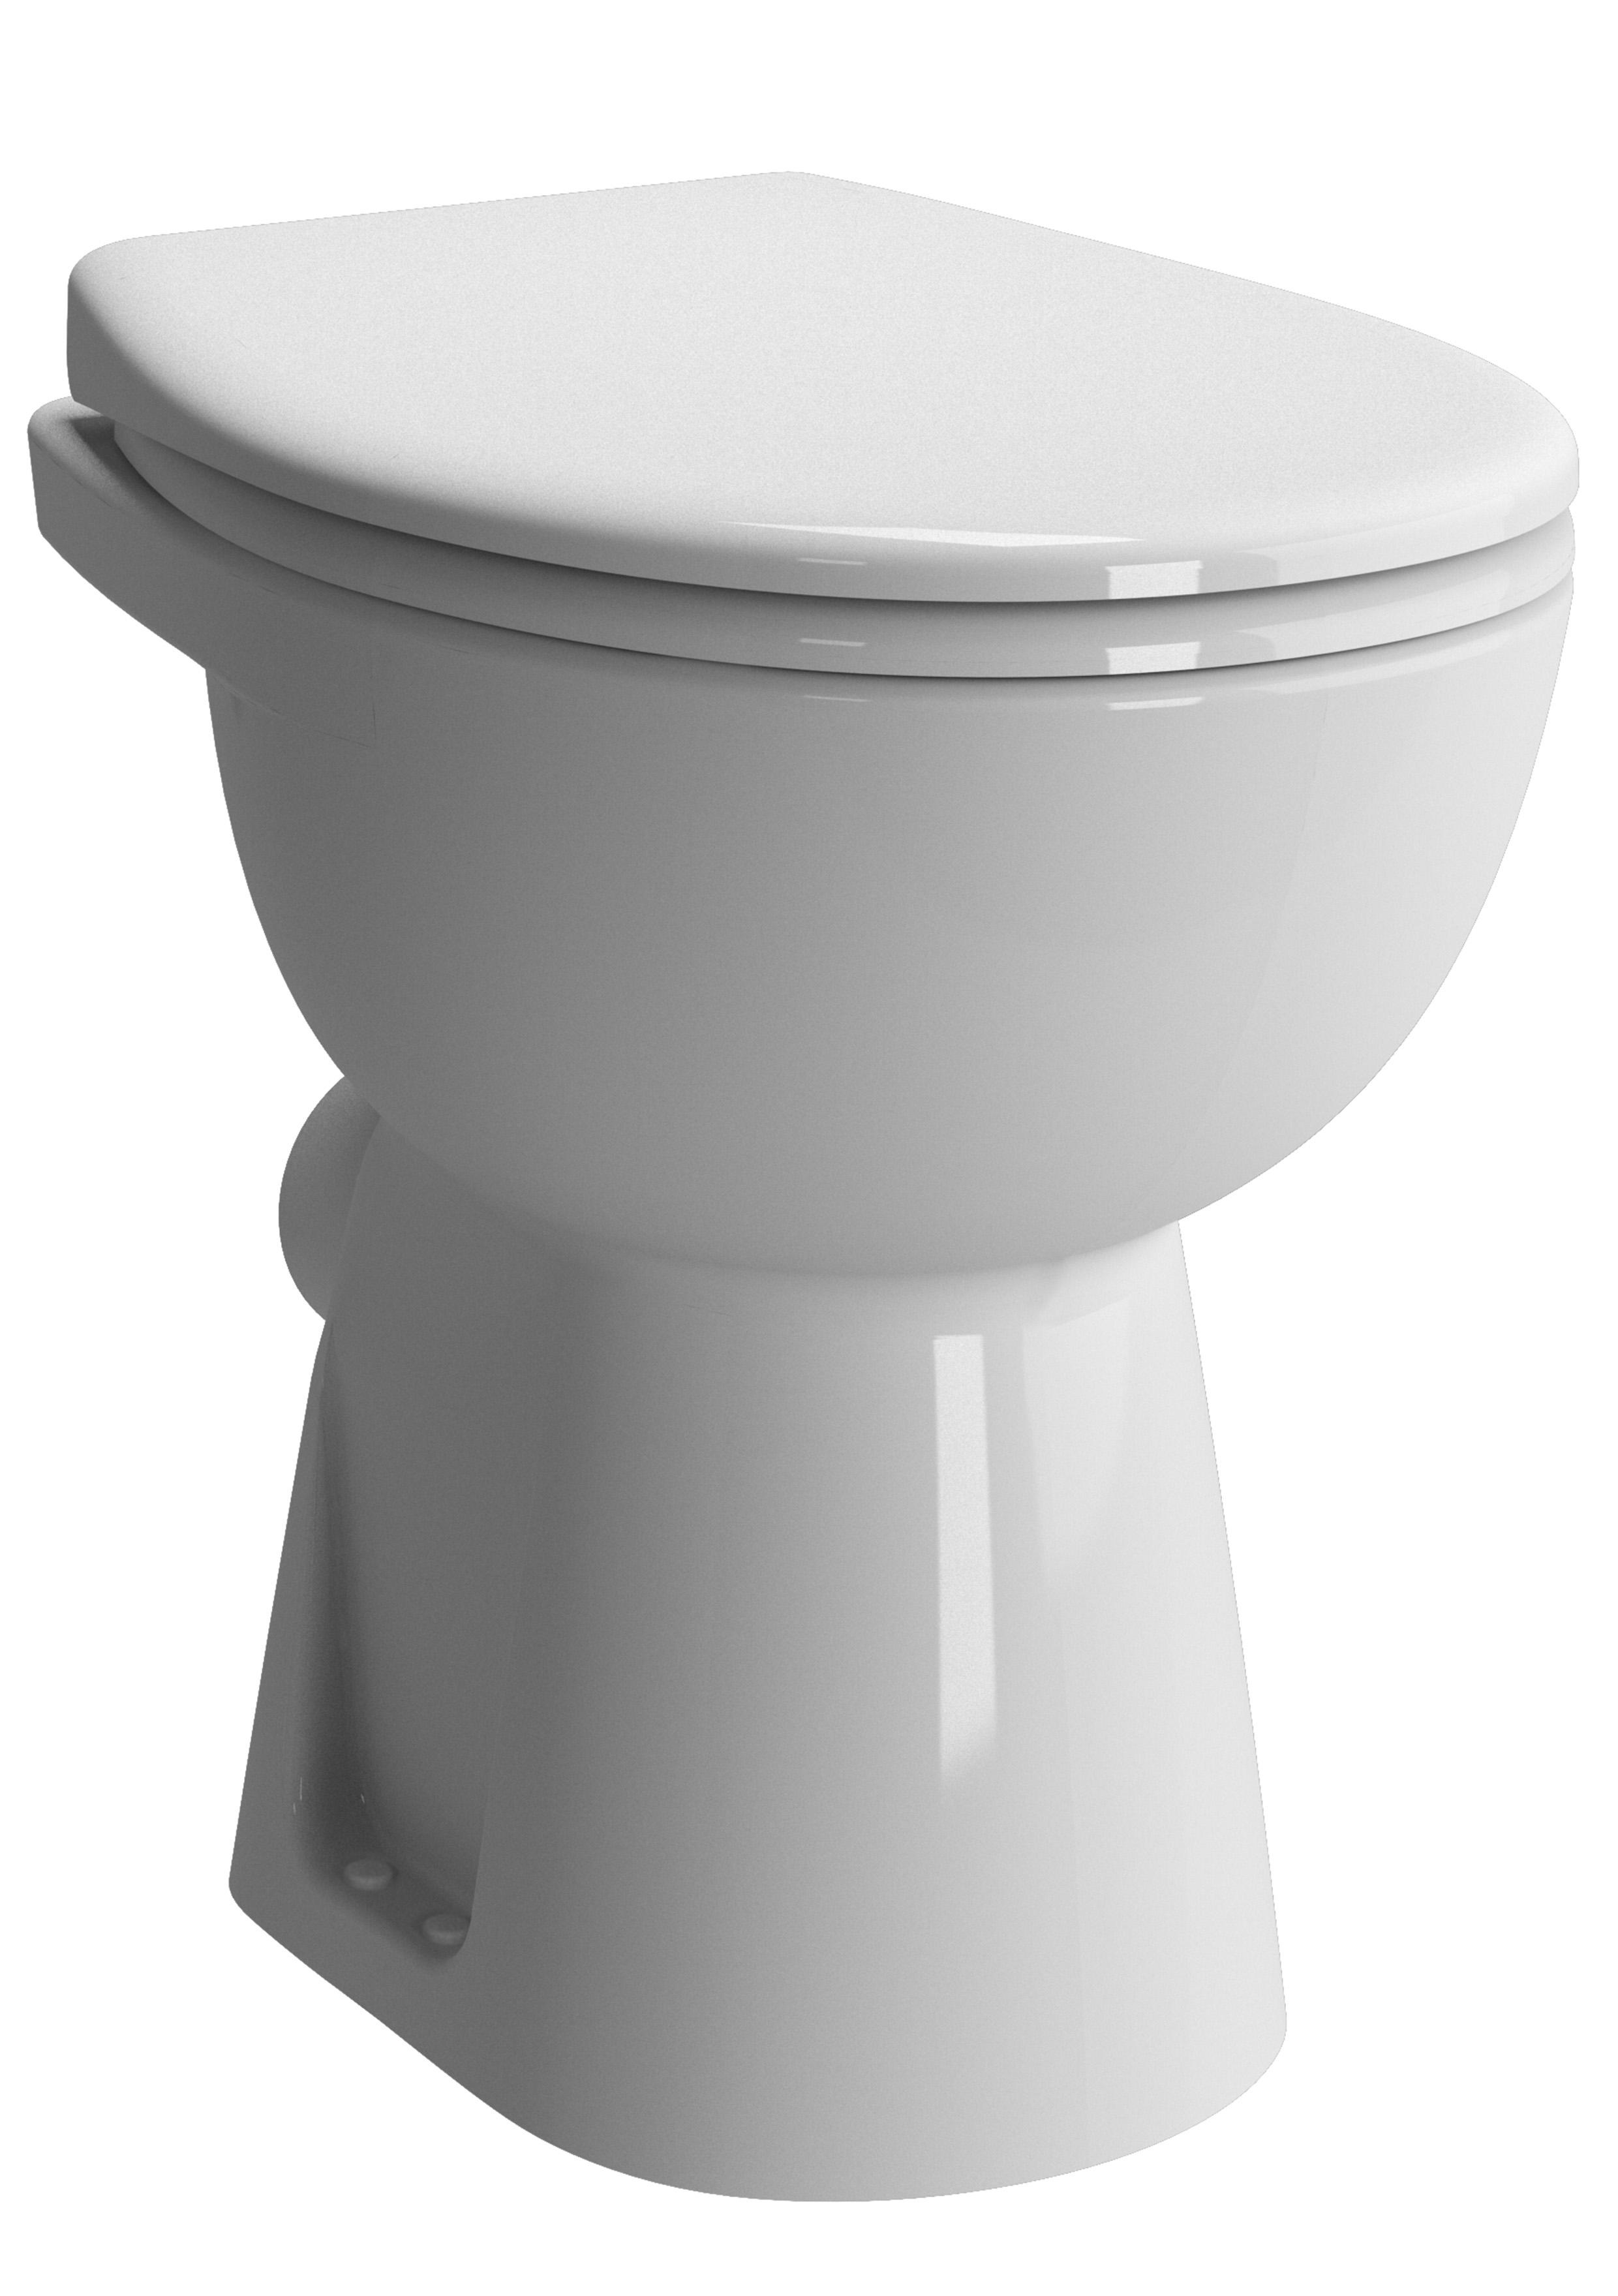 Conforma WC à poser avec bride, S/H, 48,5 cm, sans trou d'abattant